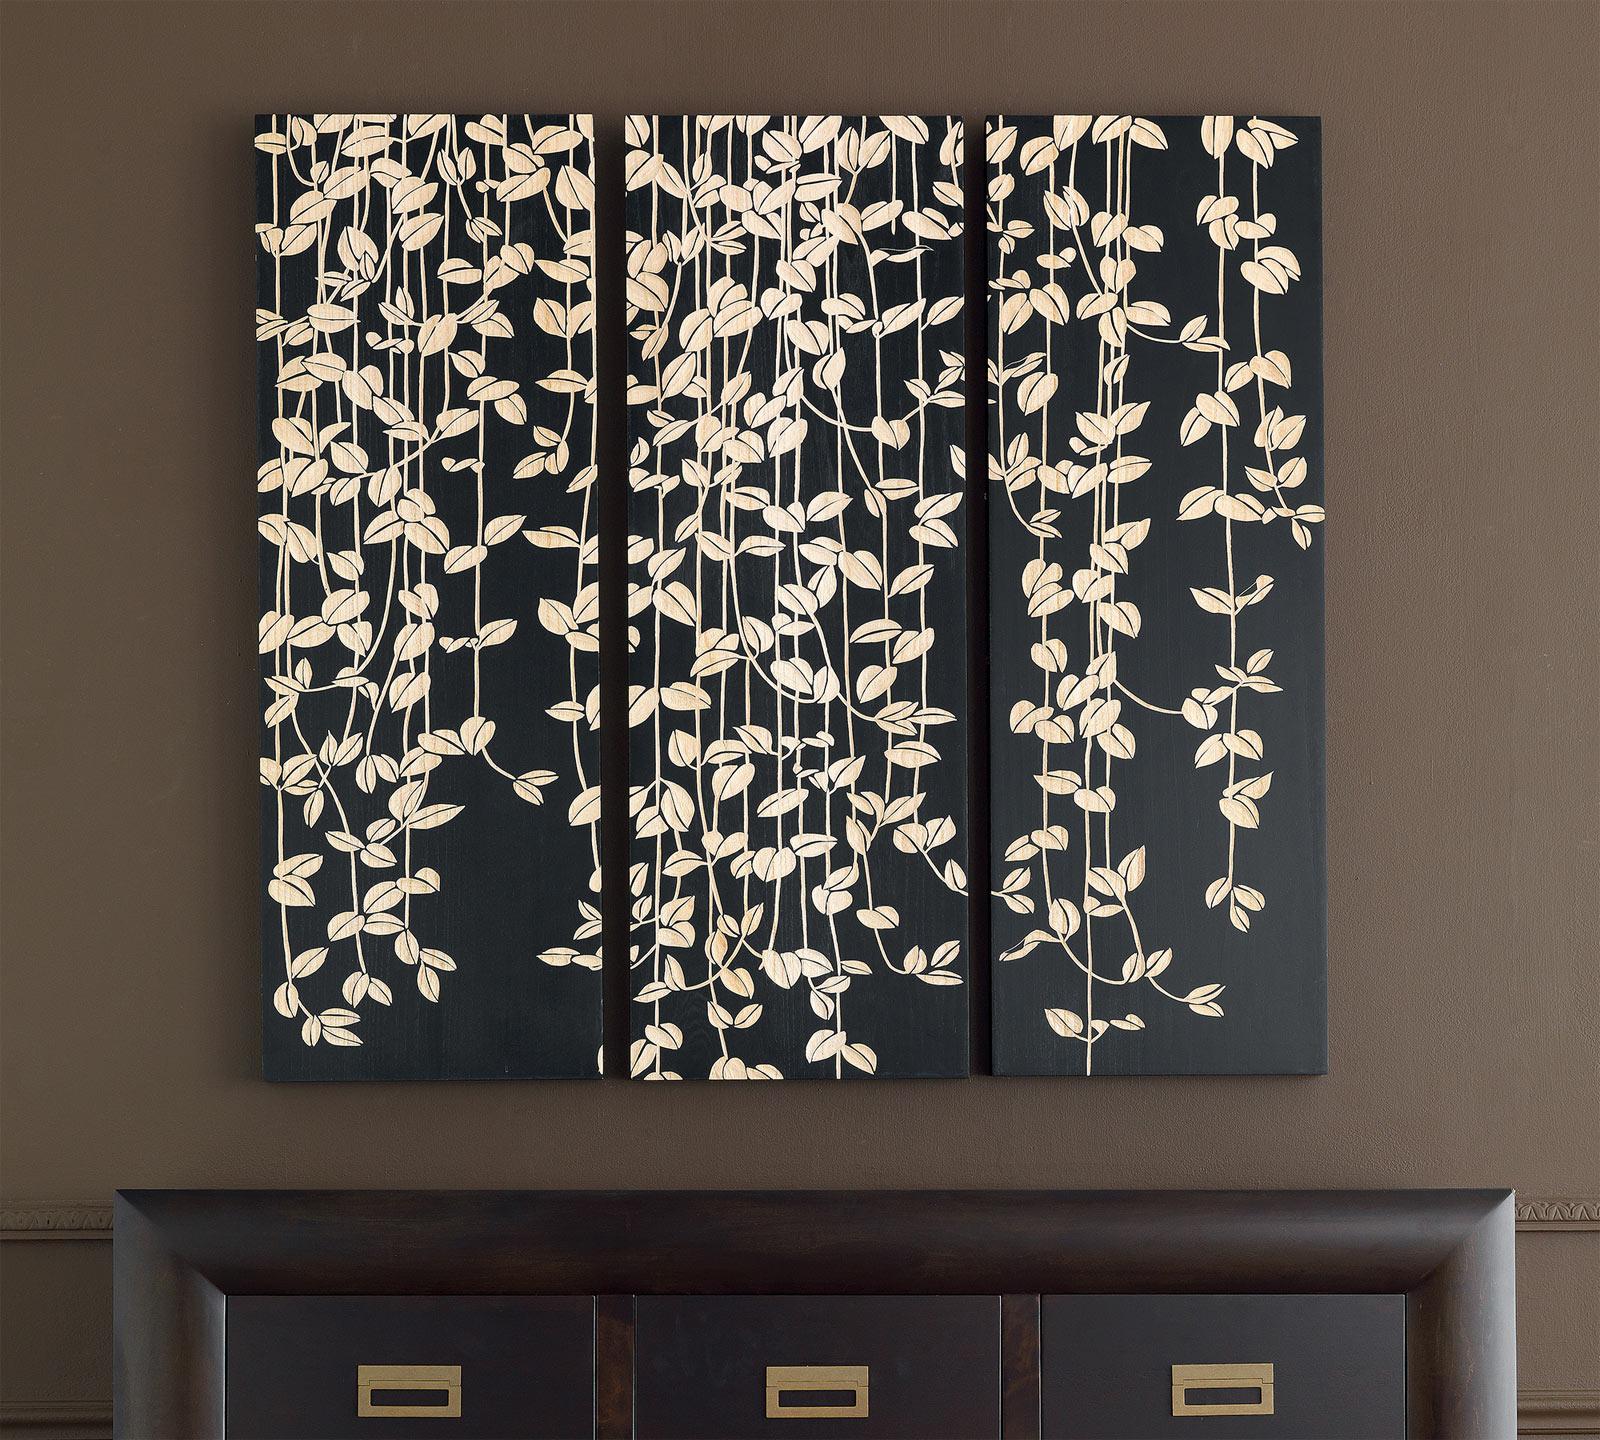 Pannello in legno intarsiato a mano duzzle for Pannelli polistirolo decorativi leroy merlin